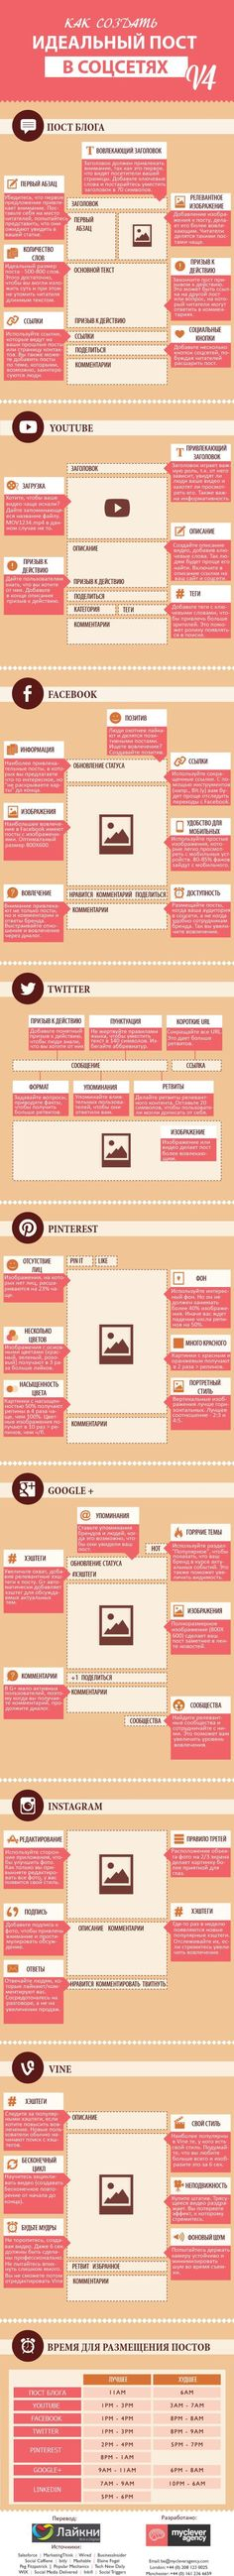 Идеальный пост для соцсетей (Инфографика)::